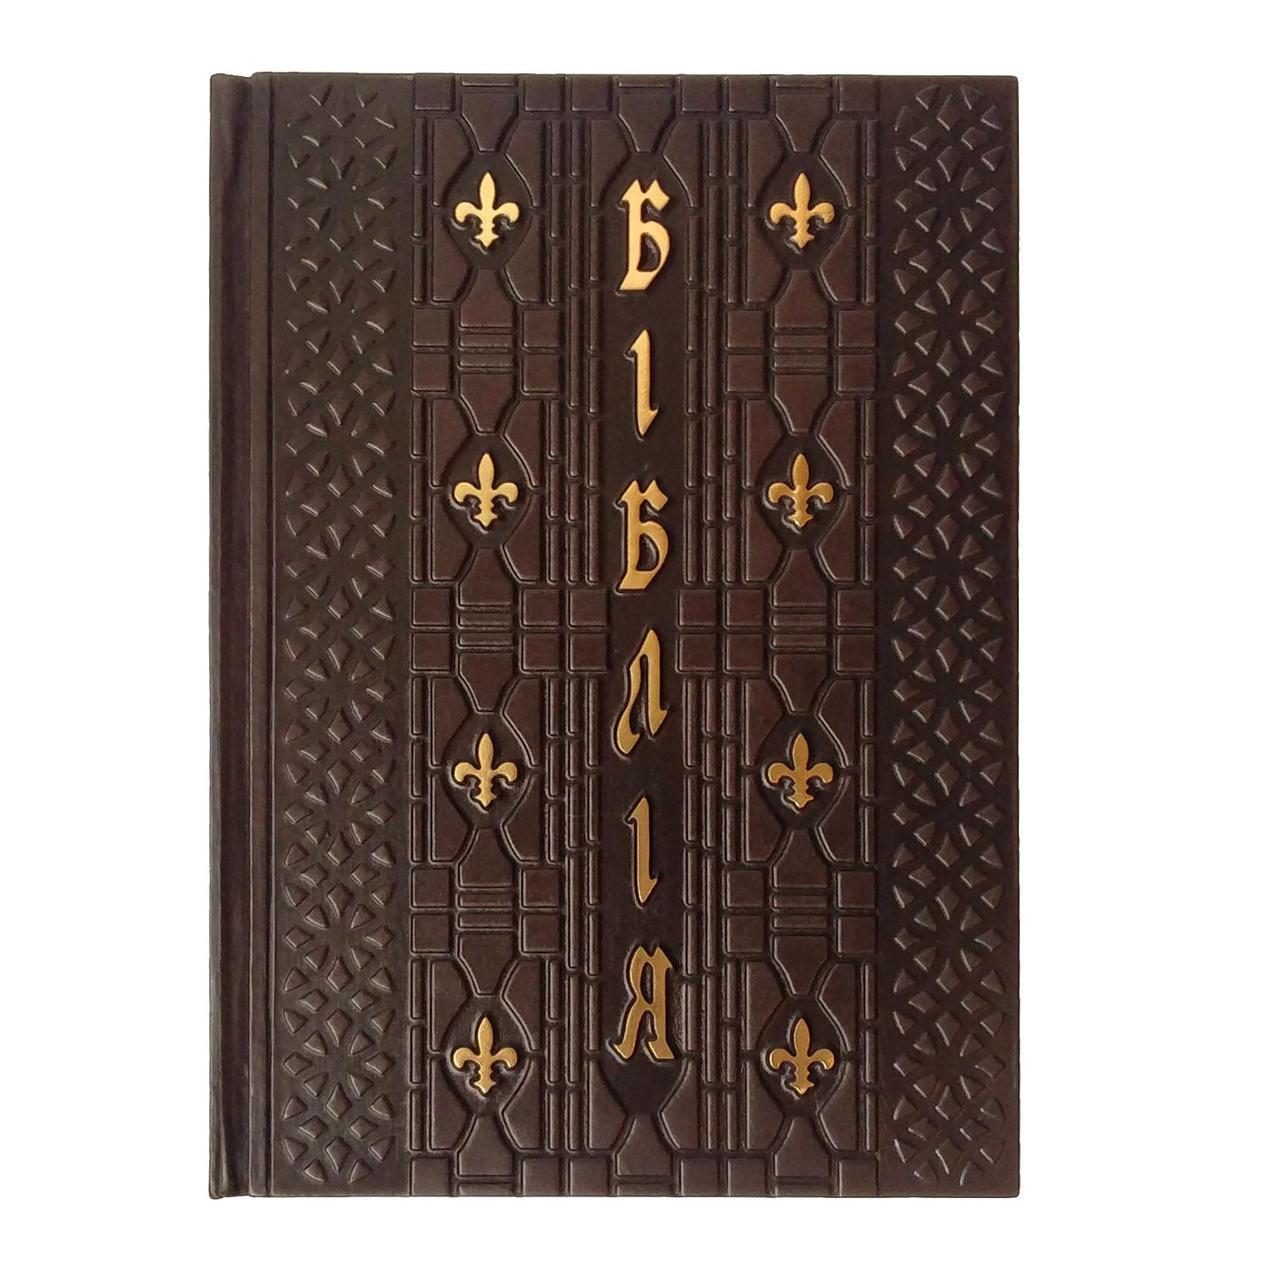 Біблія в шкіряній палітурці з гравюрами Гюстава Доре на українській мові (М0)